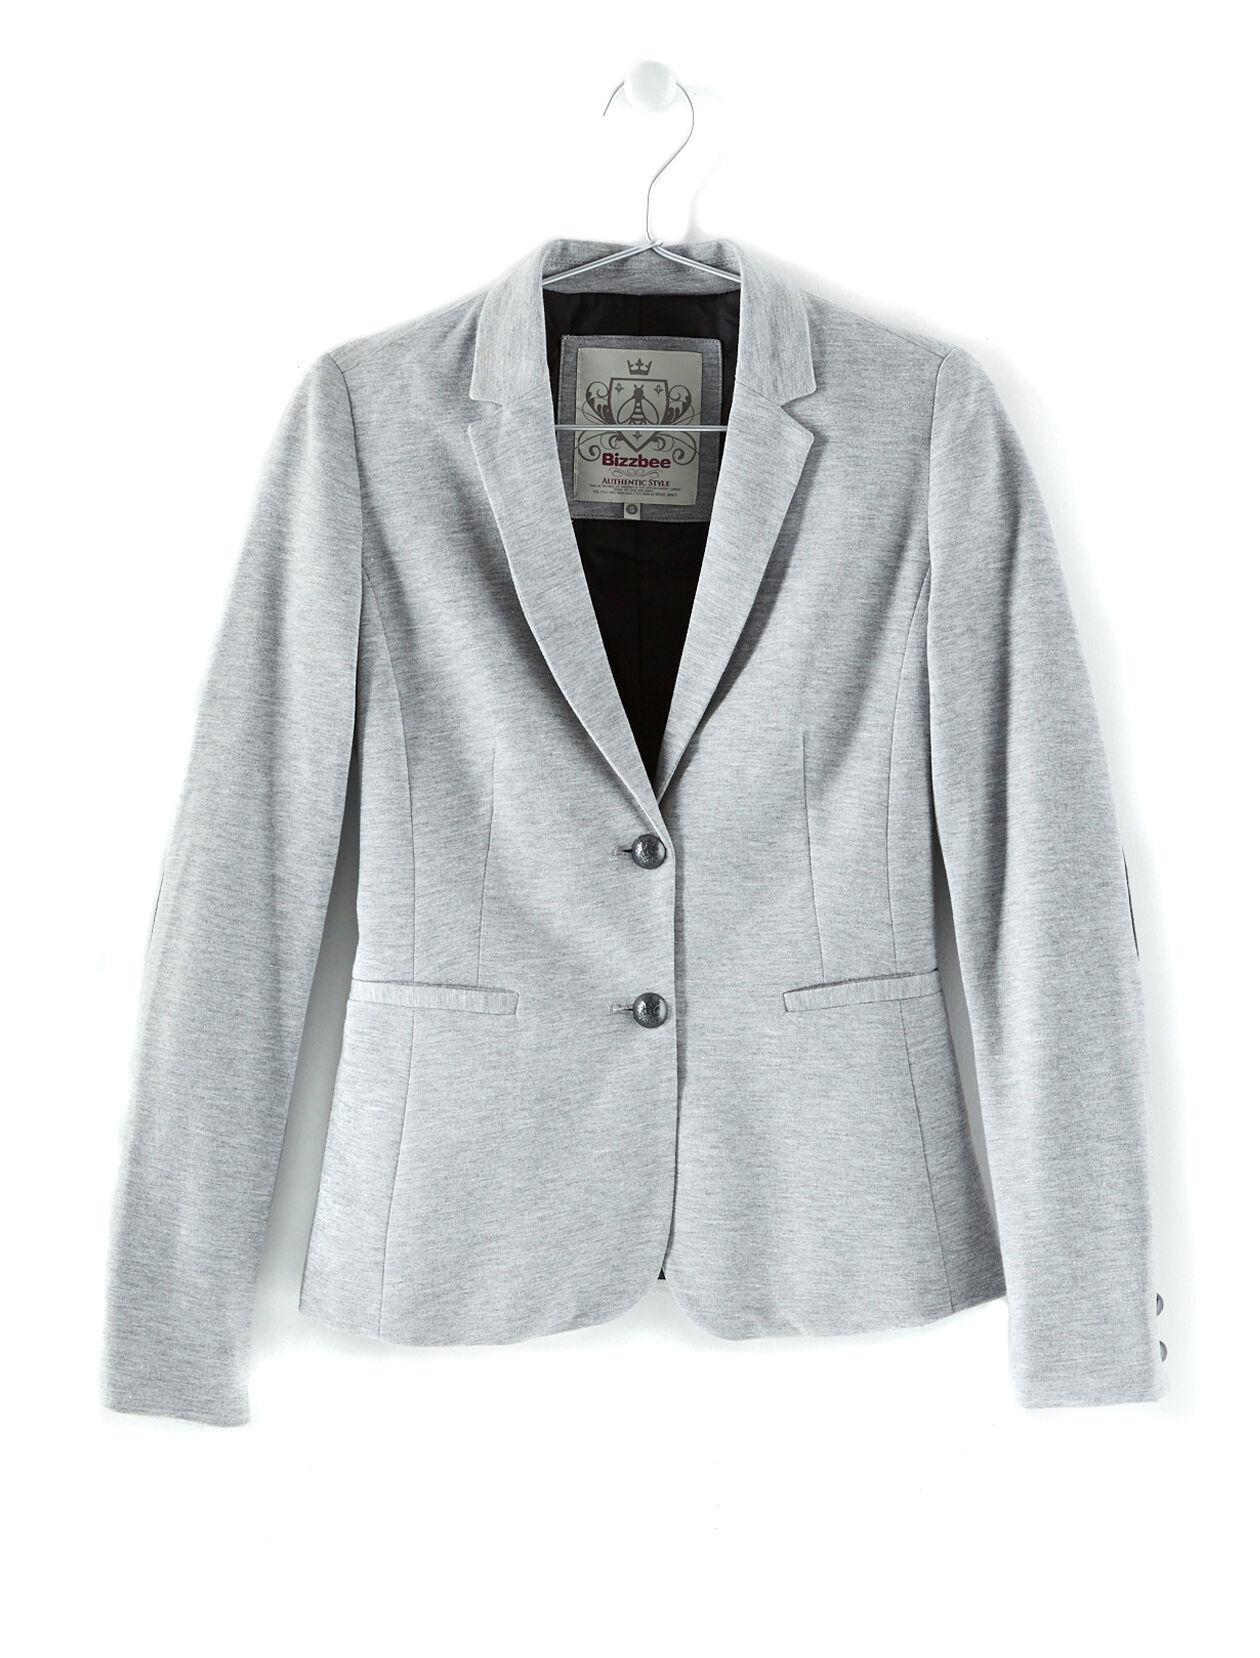 Veste grise avec coudiere femme